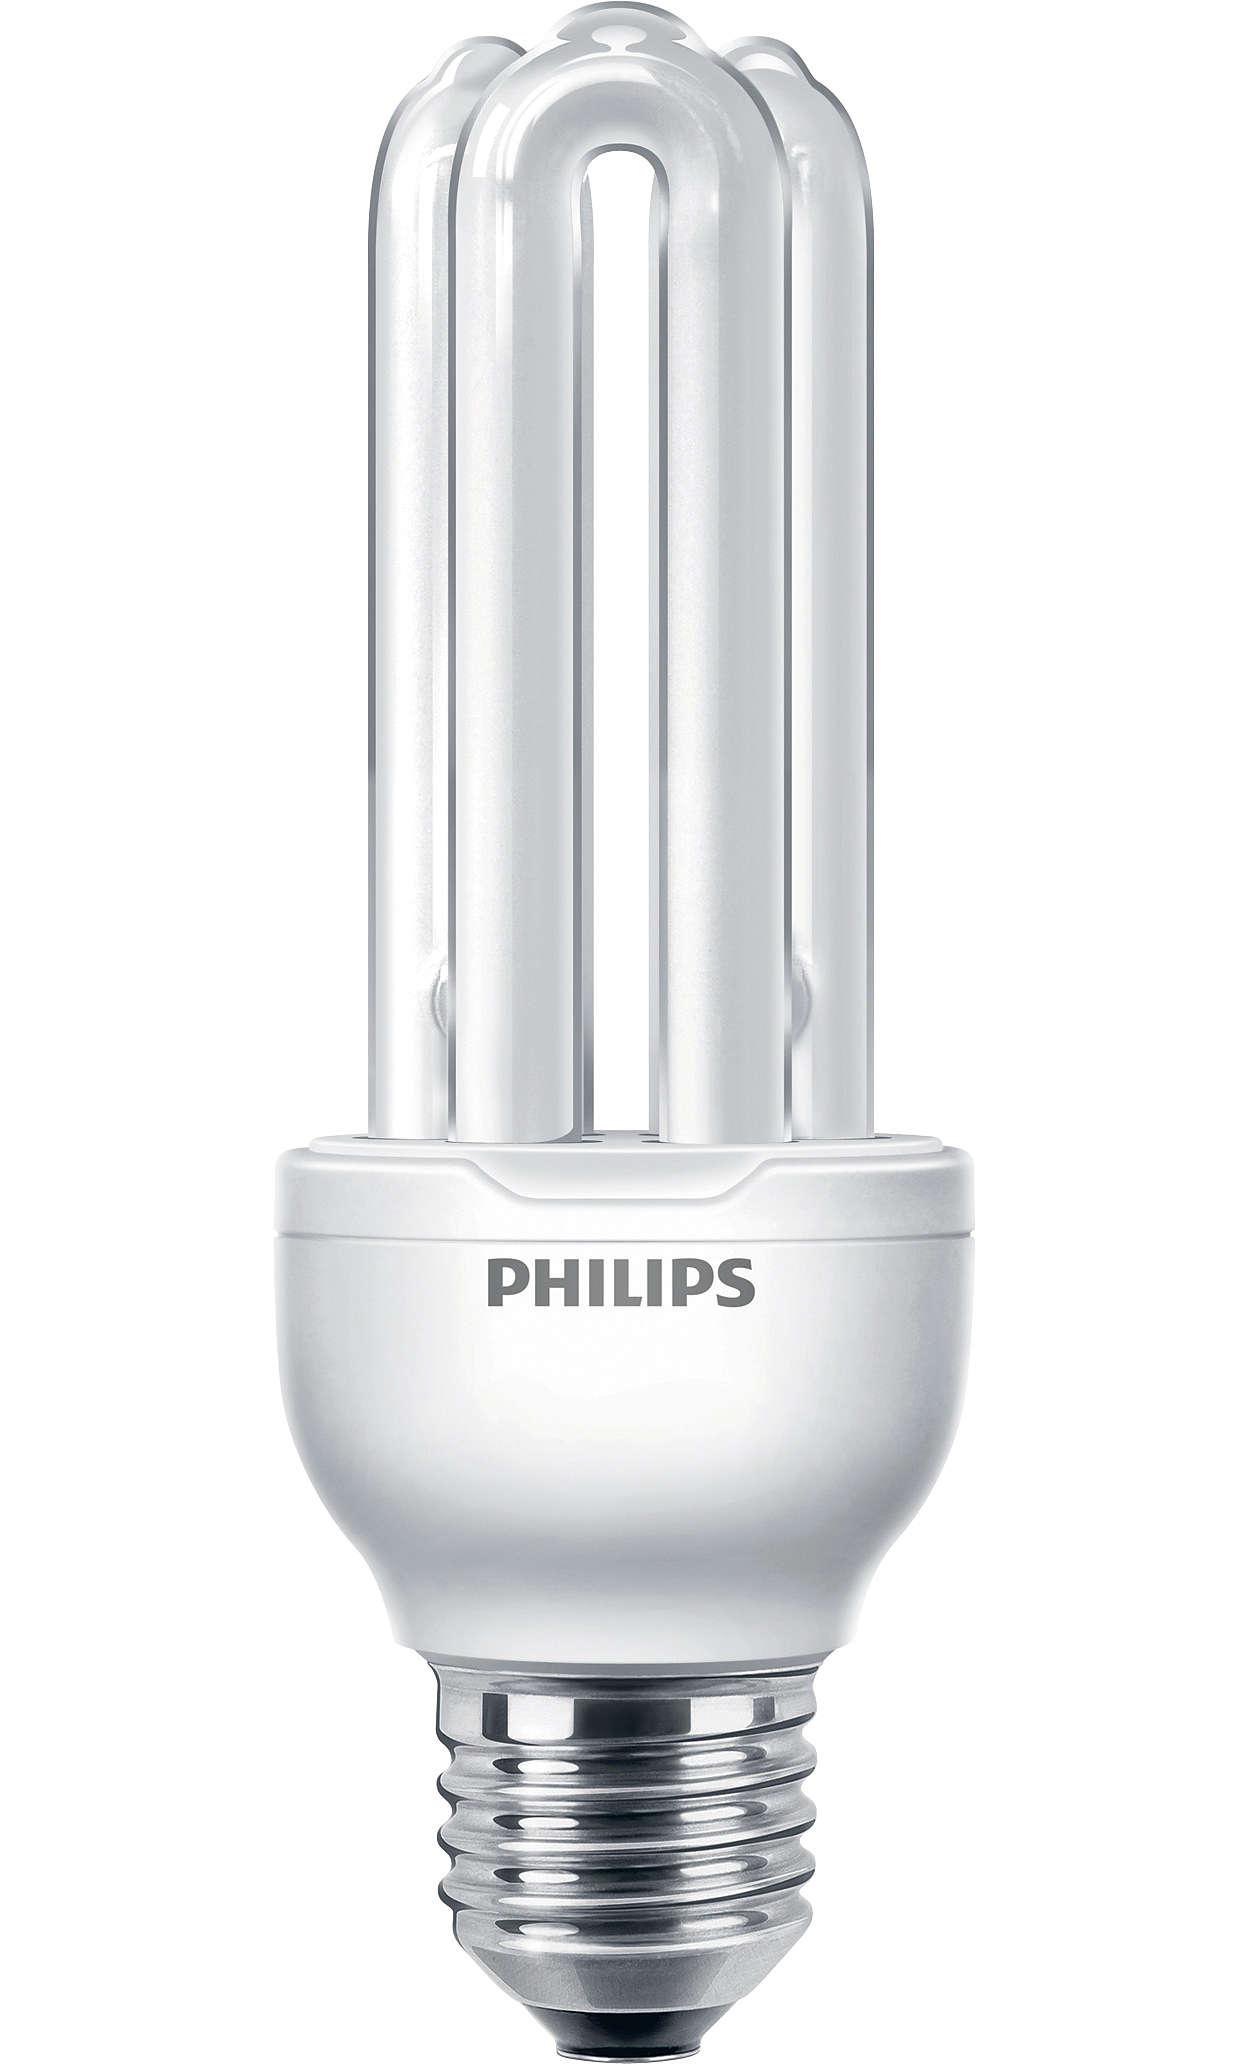 Energeticky úsporná zářivka kompaktních rozměrů